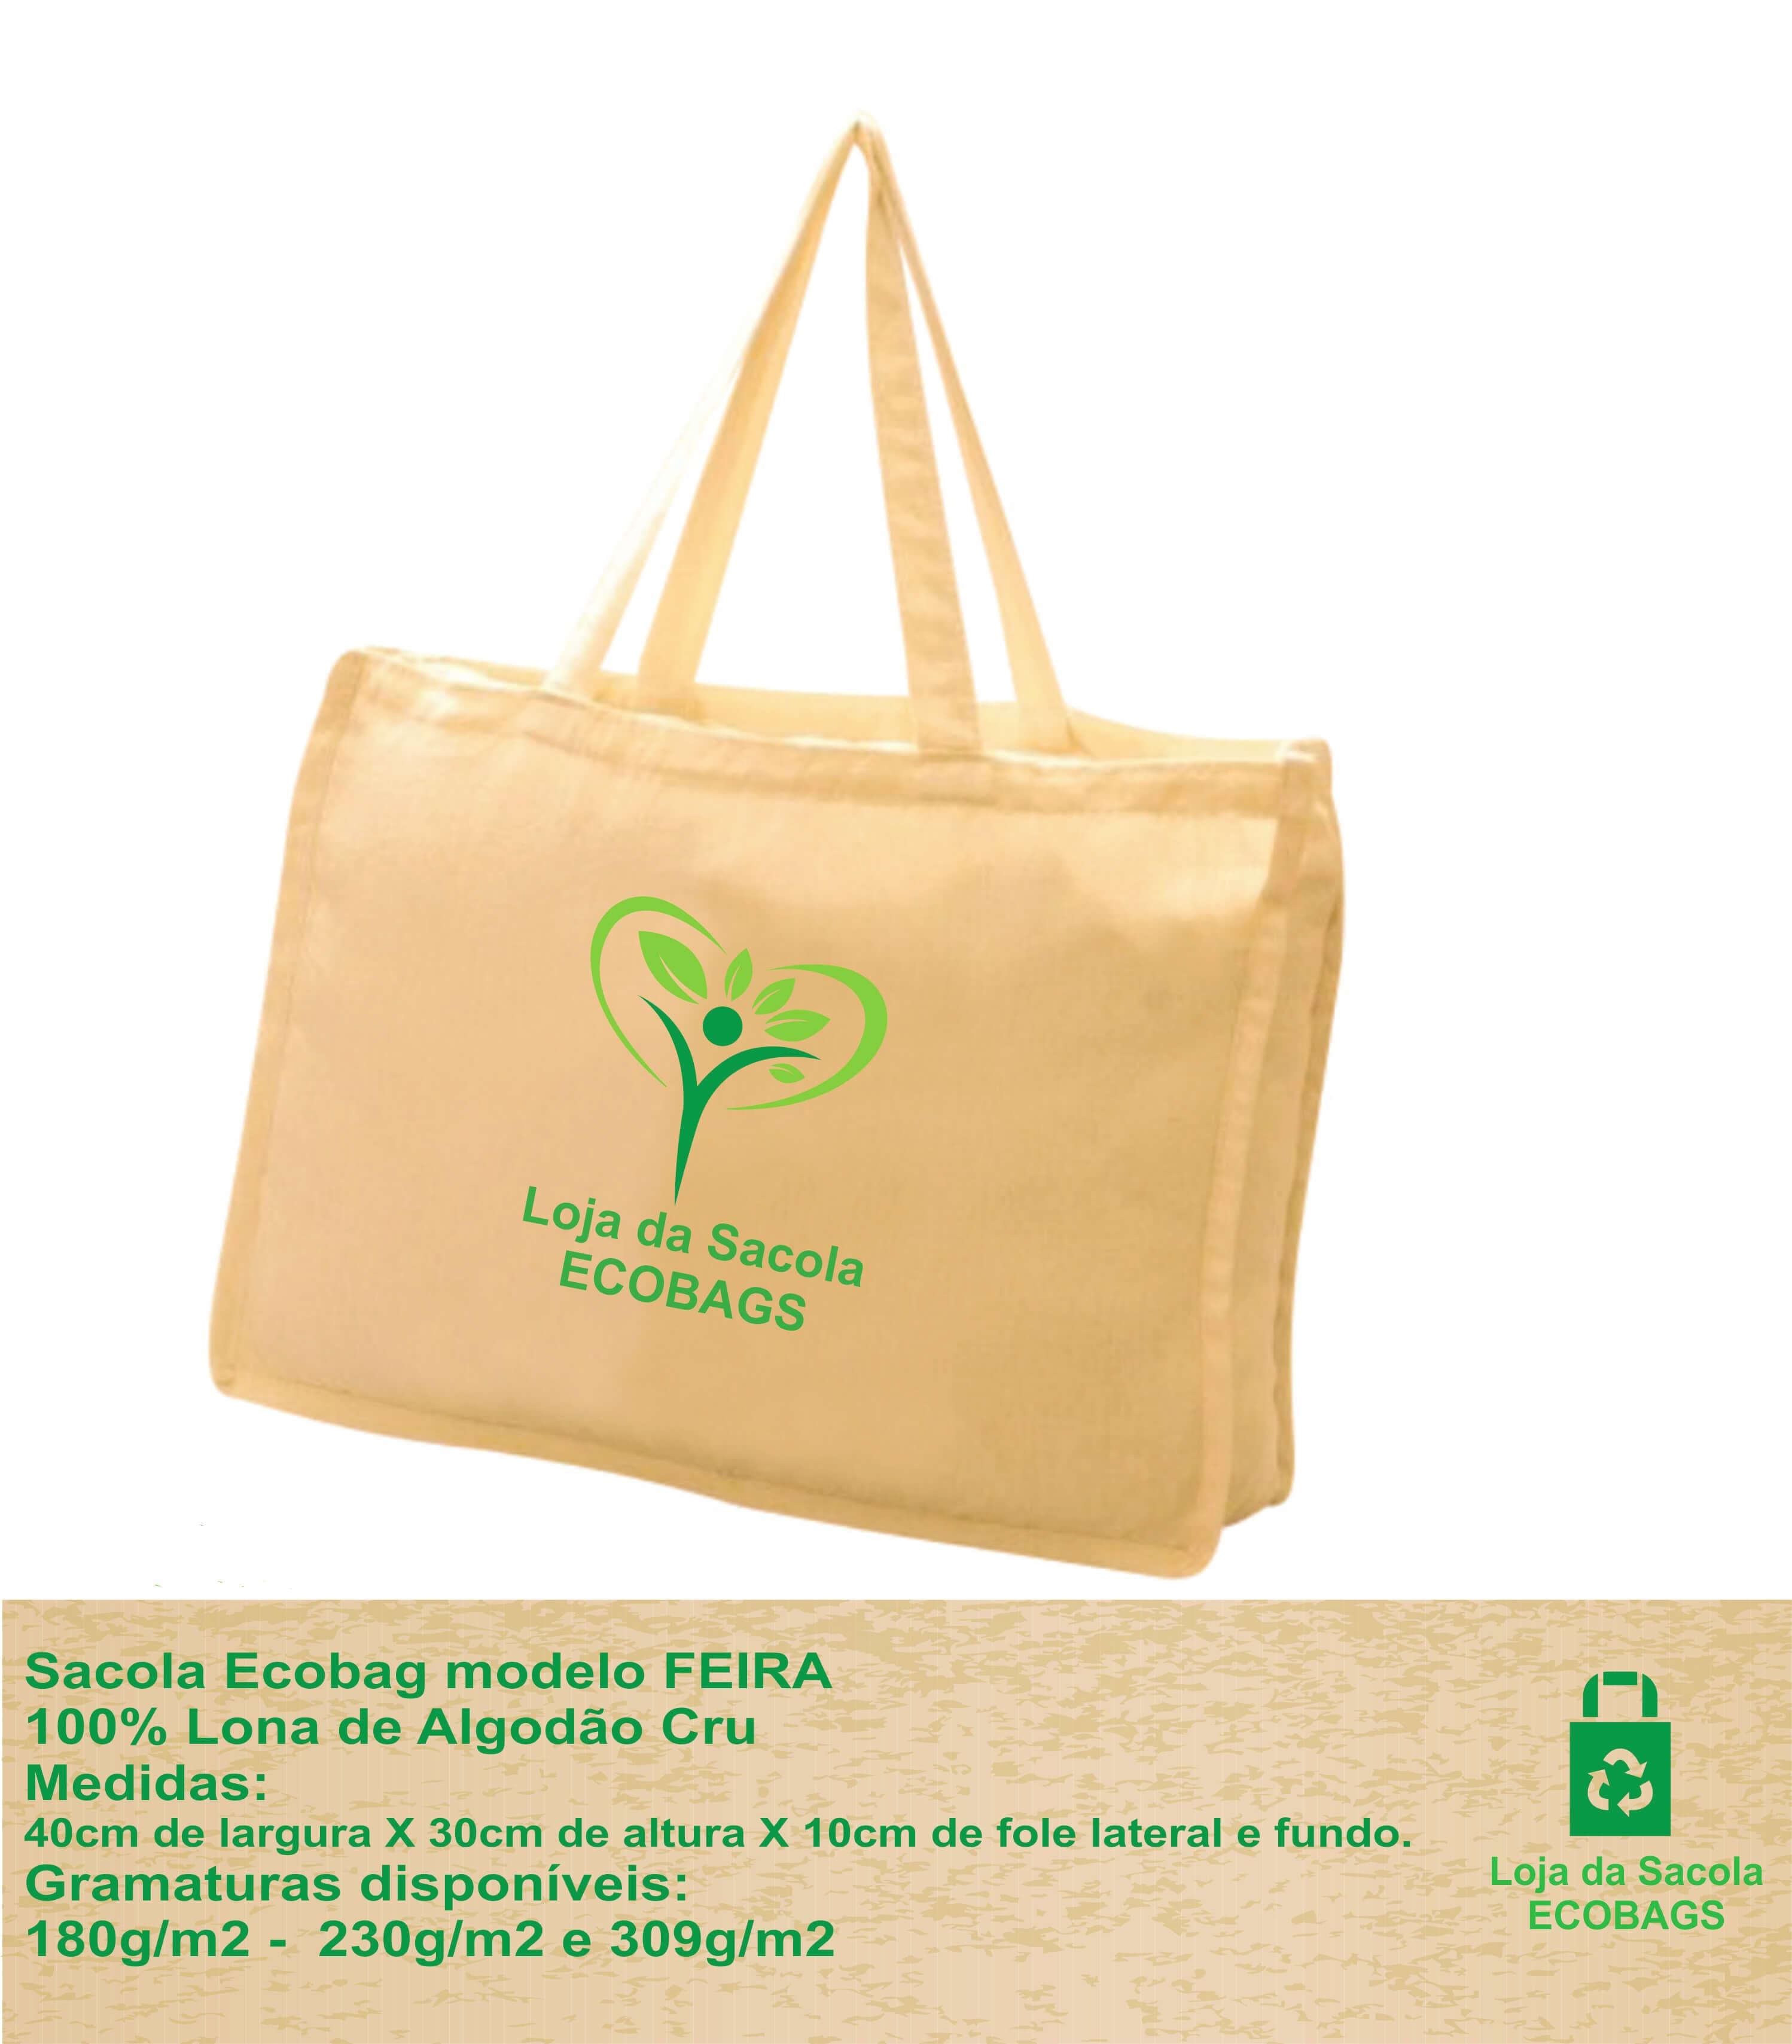 Sacola Ecobag Modelo FEIRA